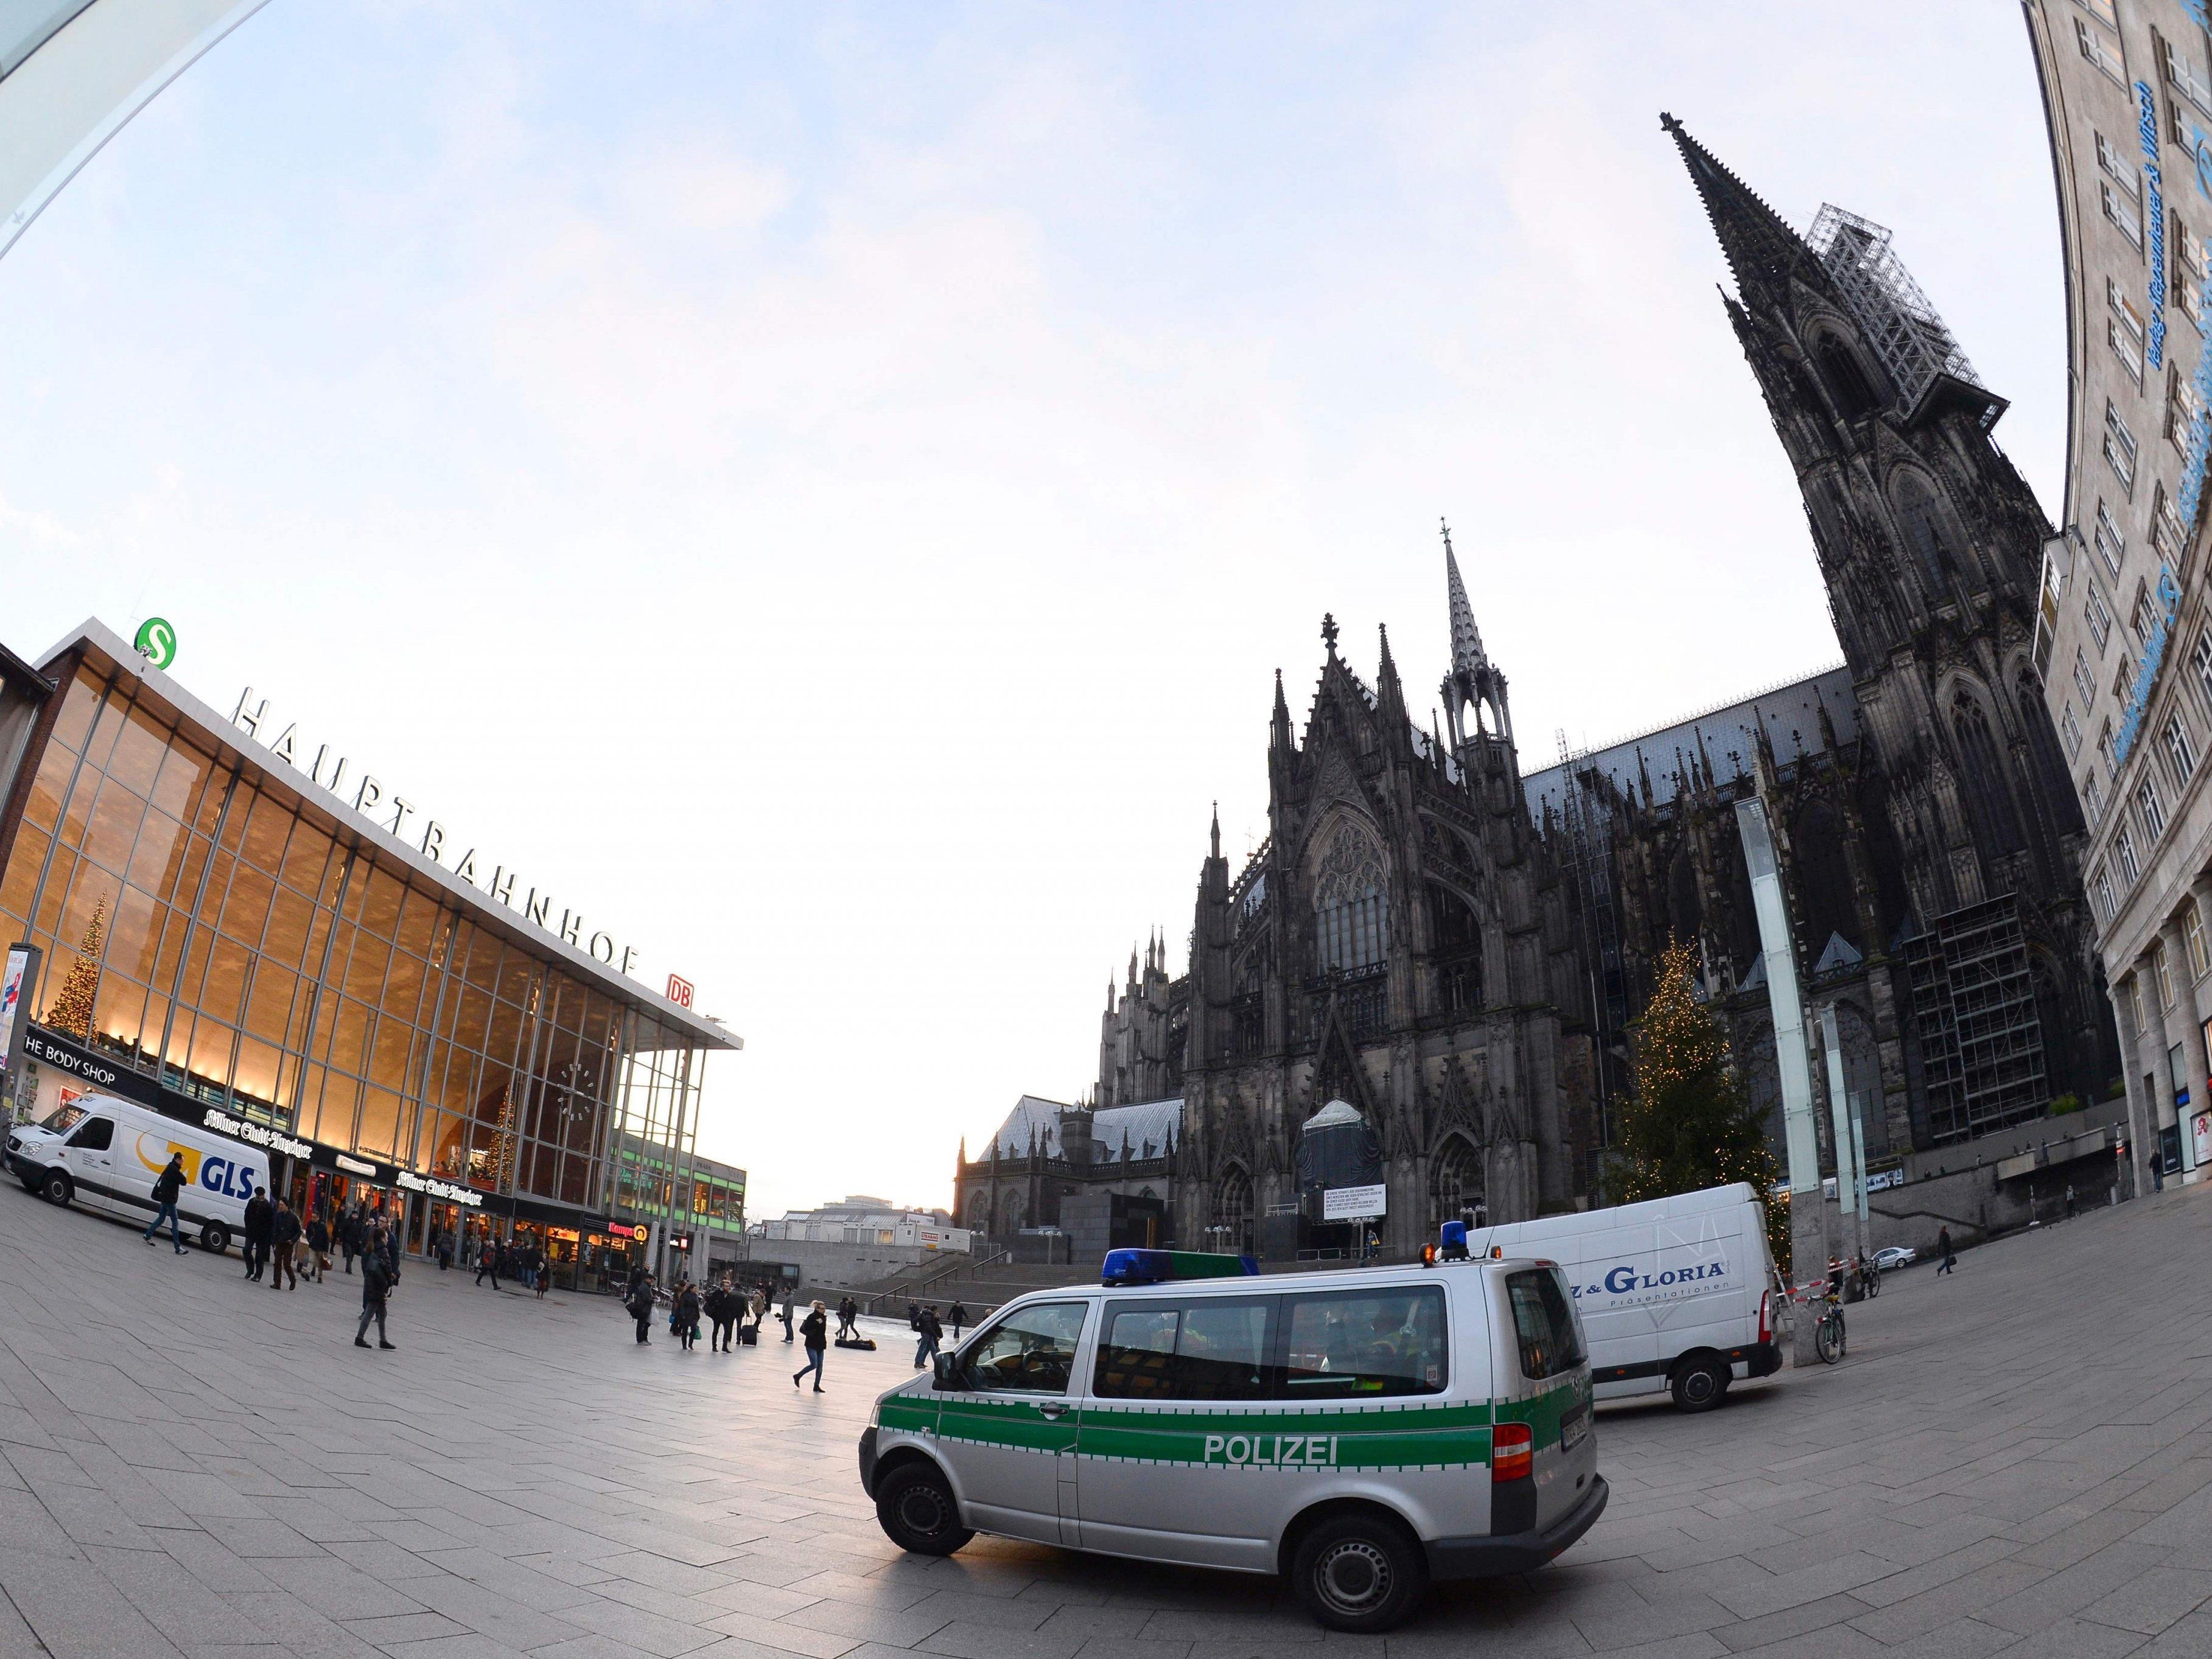 Viele Opfer dürften sich erst nach der Medienberichterstattung der vergangenen Tage melden - auch in Salzburg.